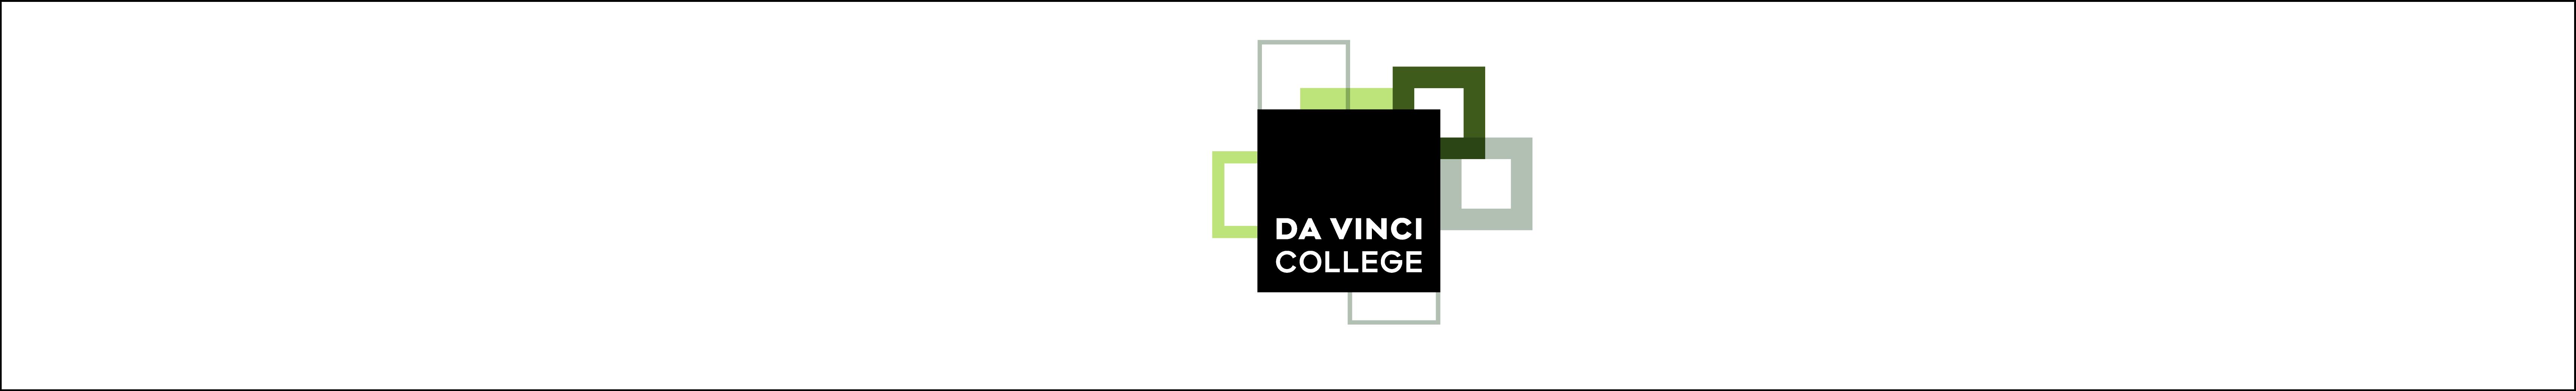 Shop Da Vinci Zorg en Welzijn